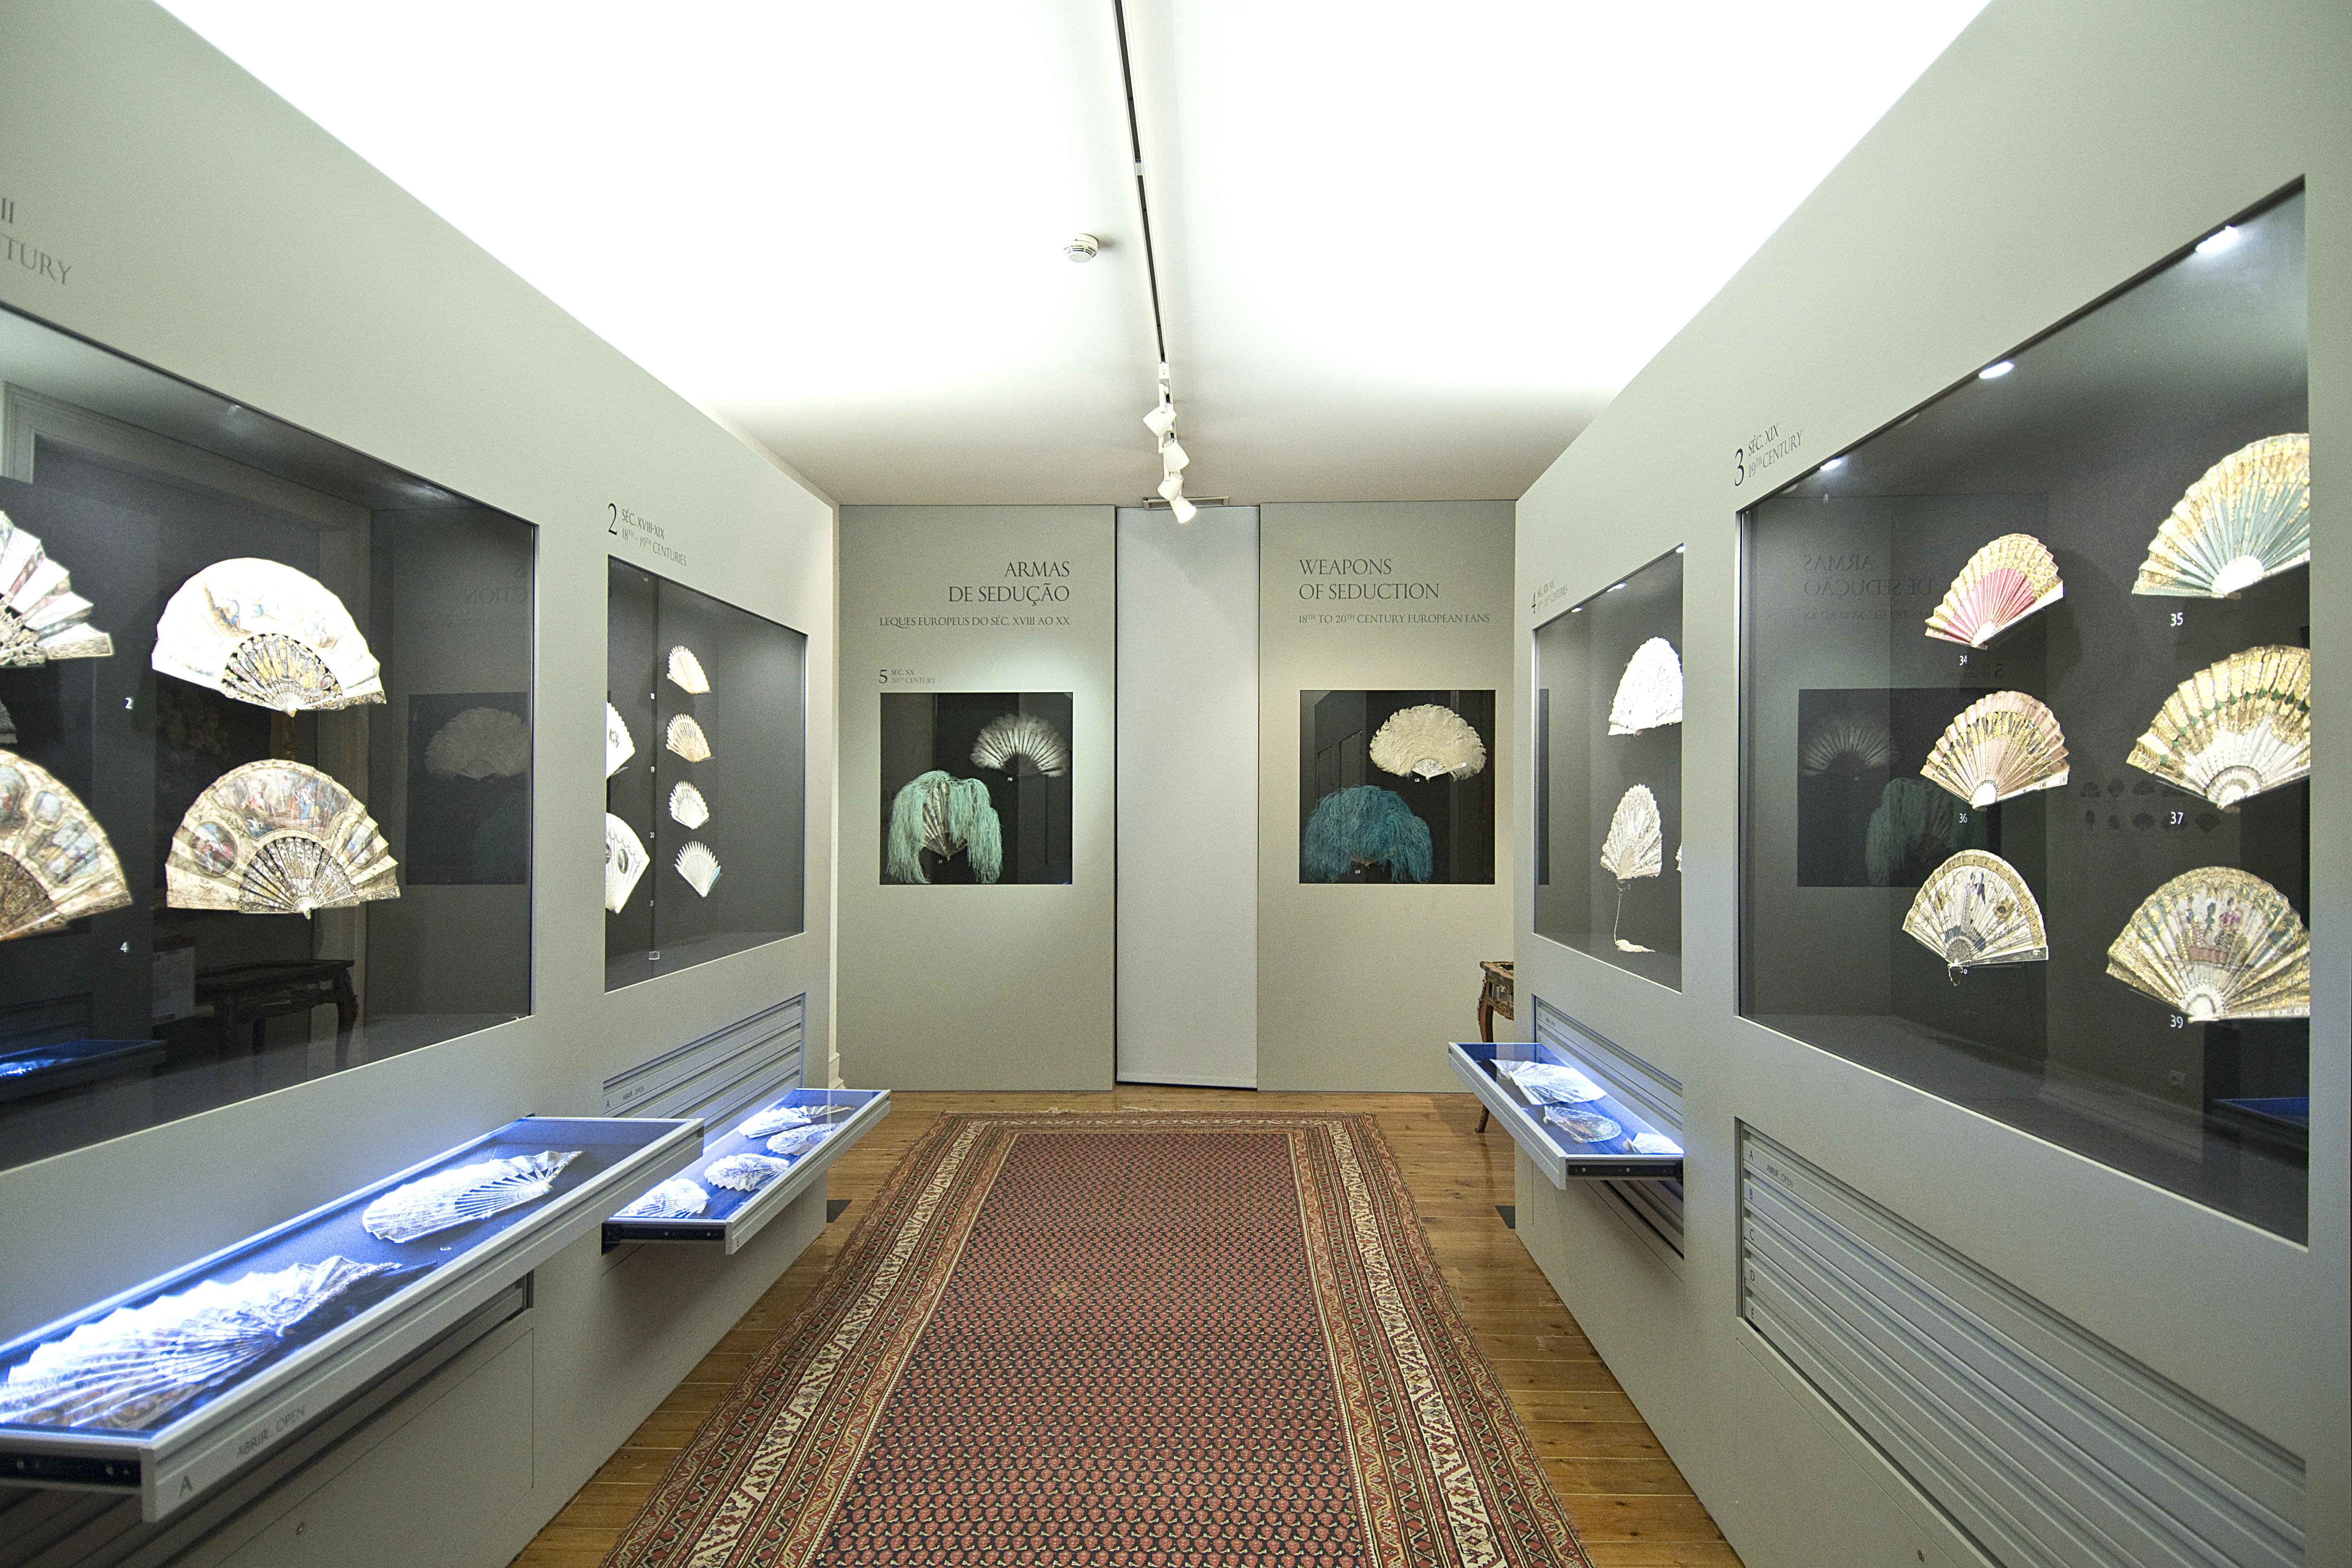 6a5f9b1ffb7 Abertura da Nova Sala dos Leques - Casa-Museu Medeiros e Almeida